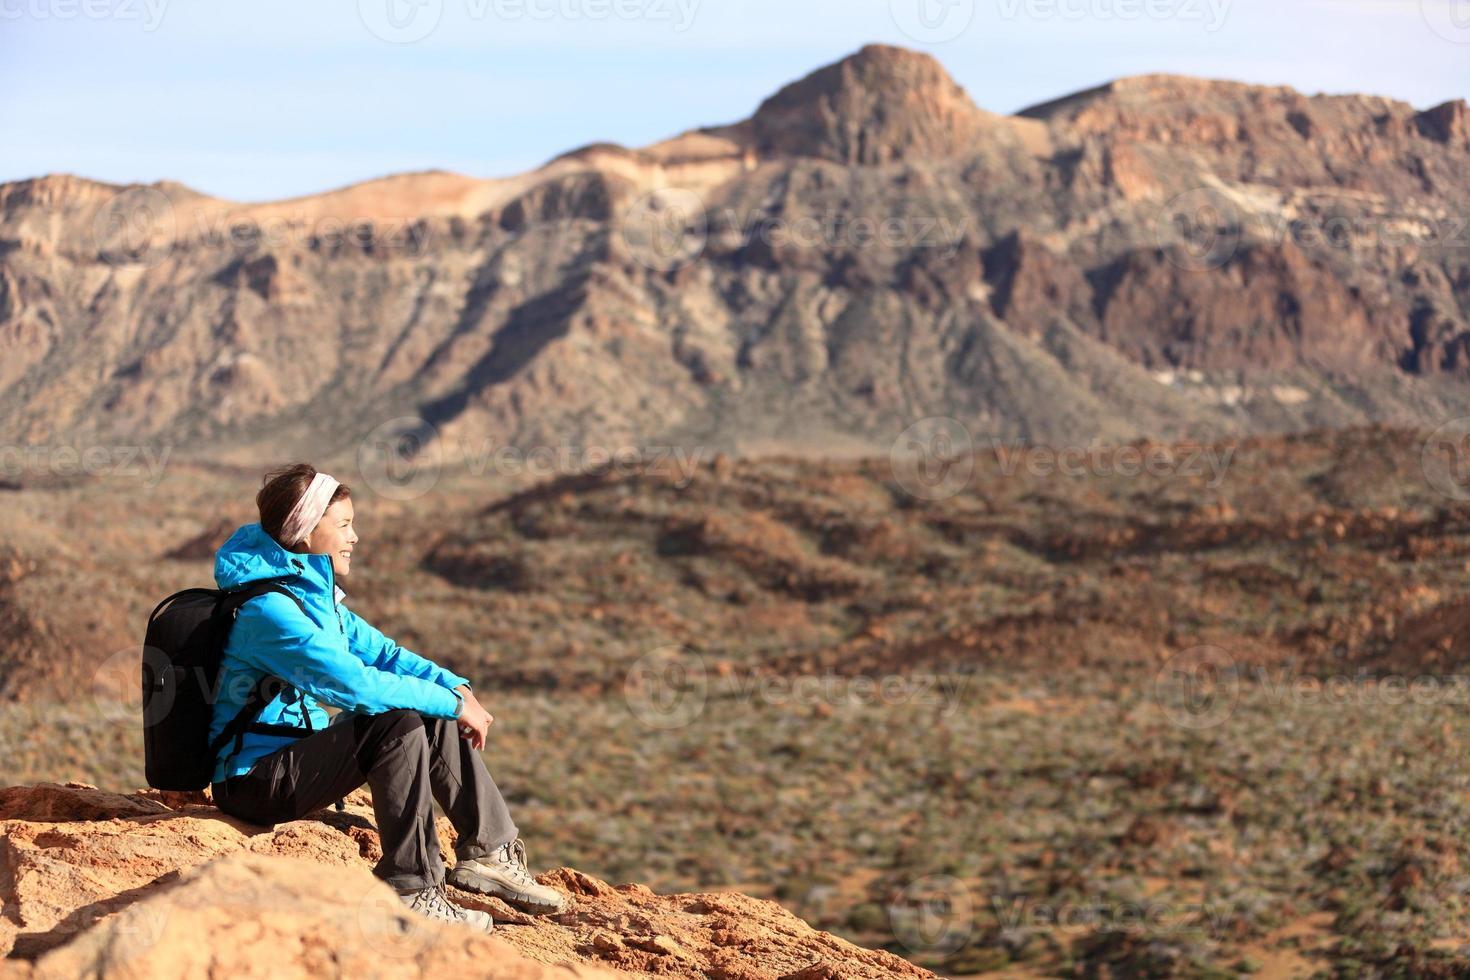 vandring - kvinna vandrare njuter av utsikten foto